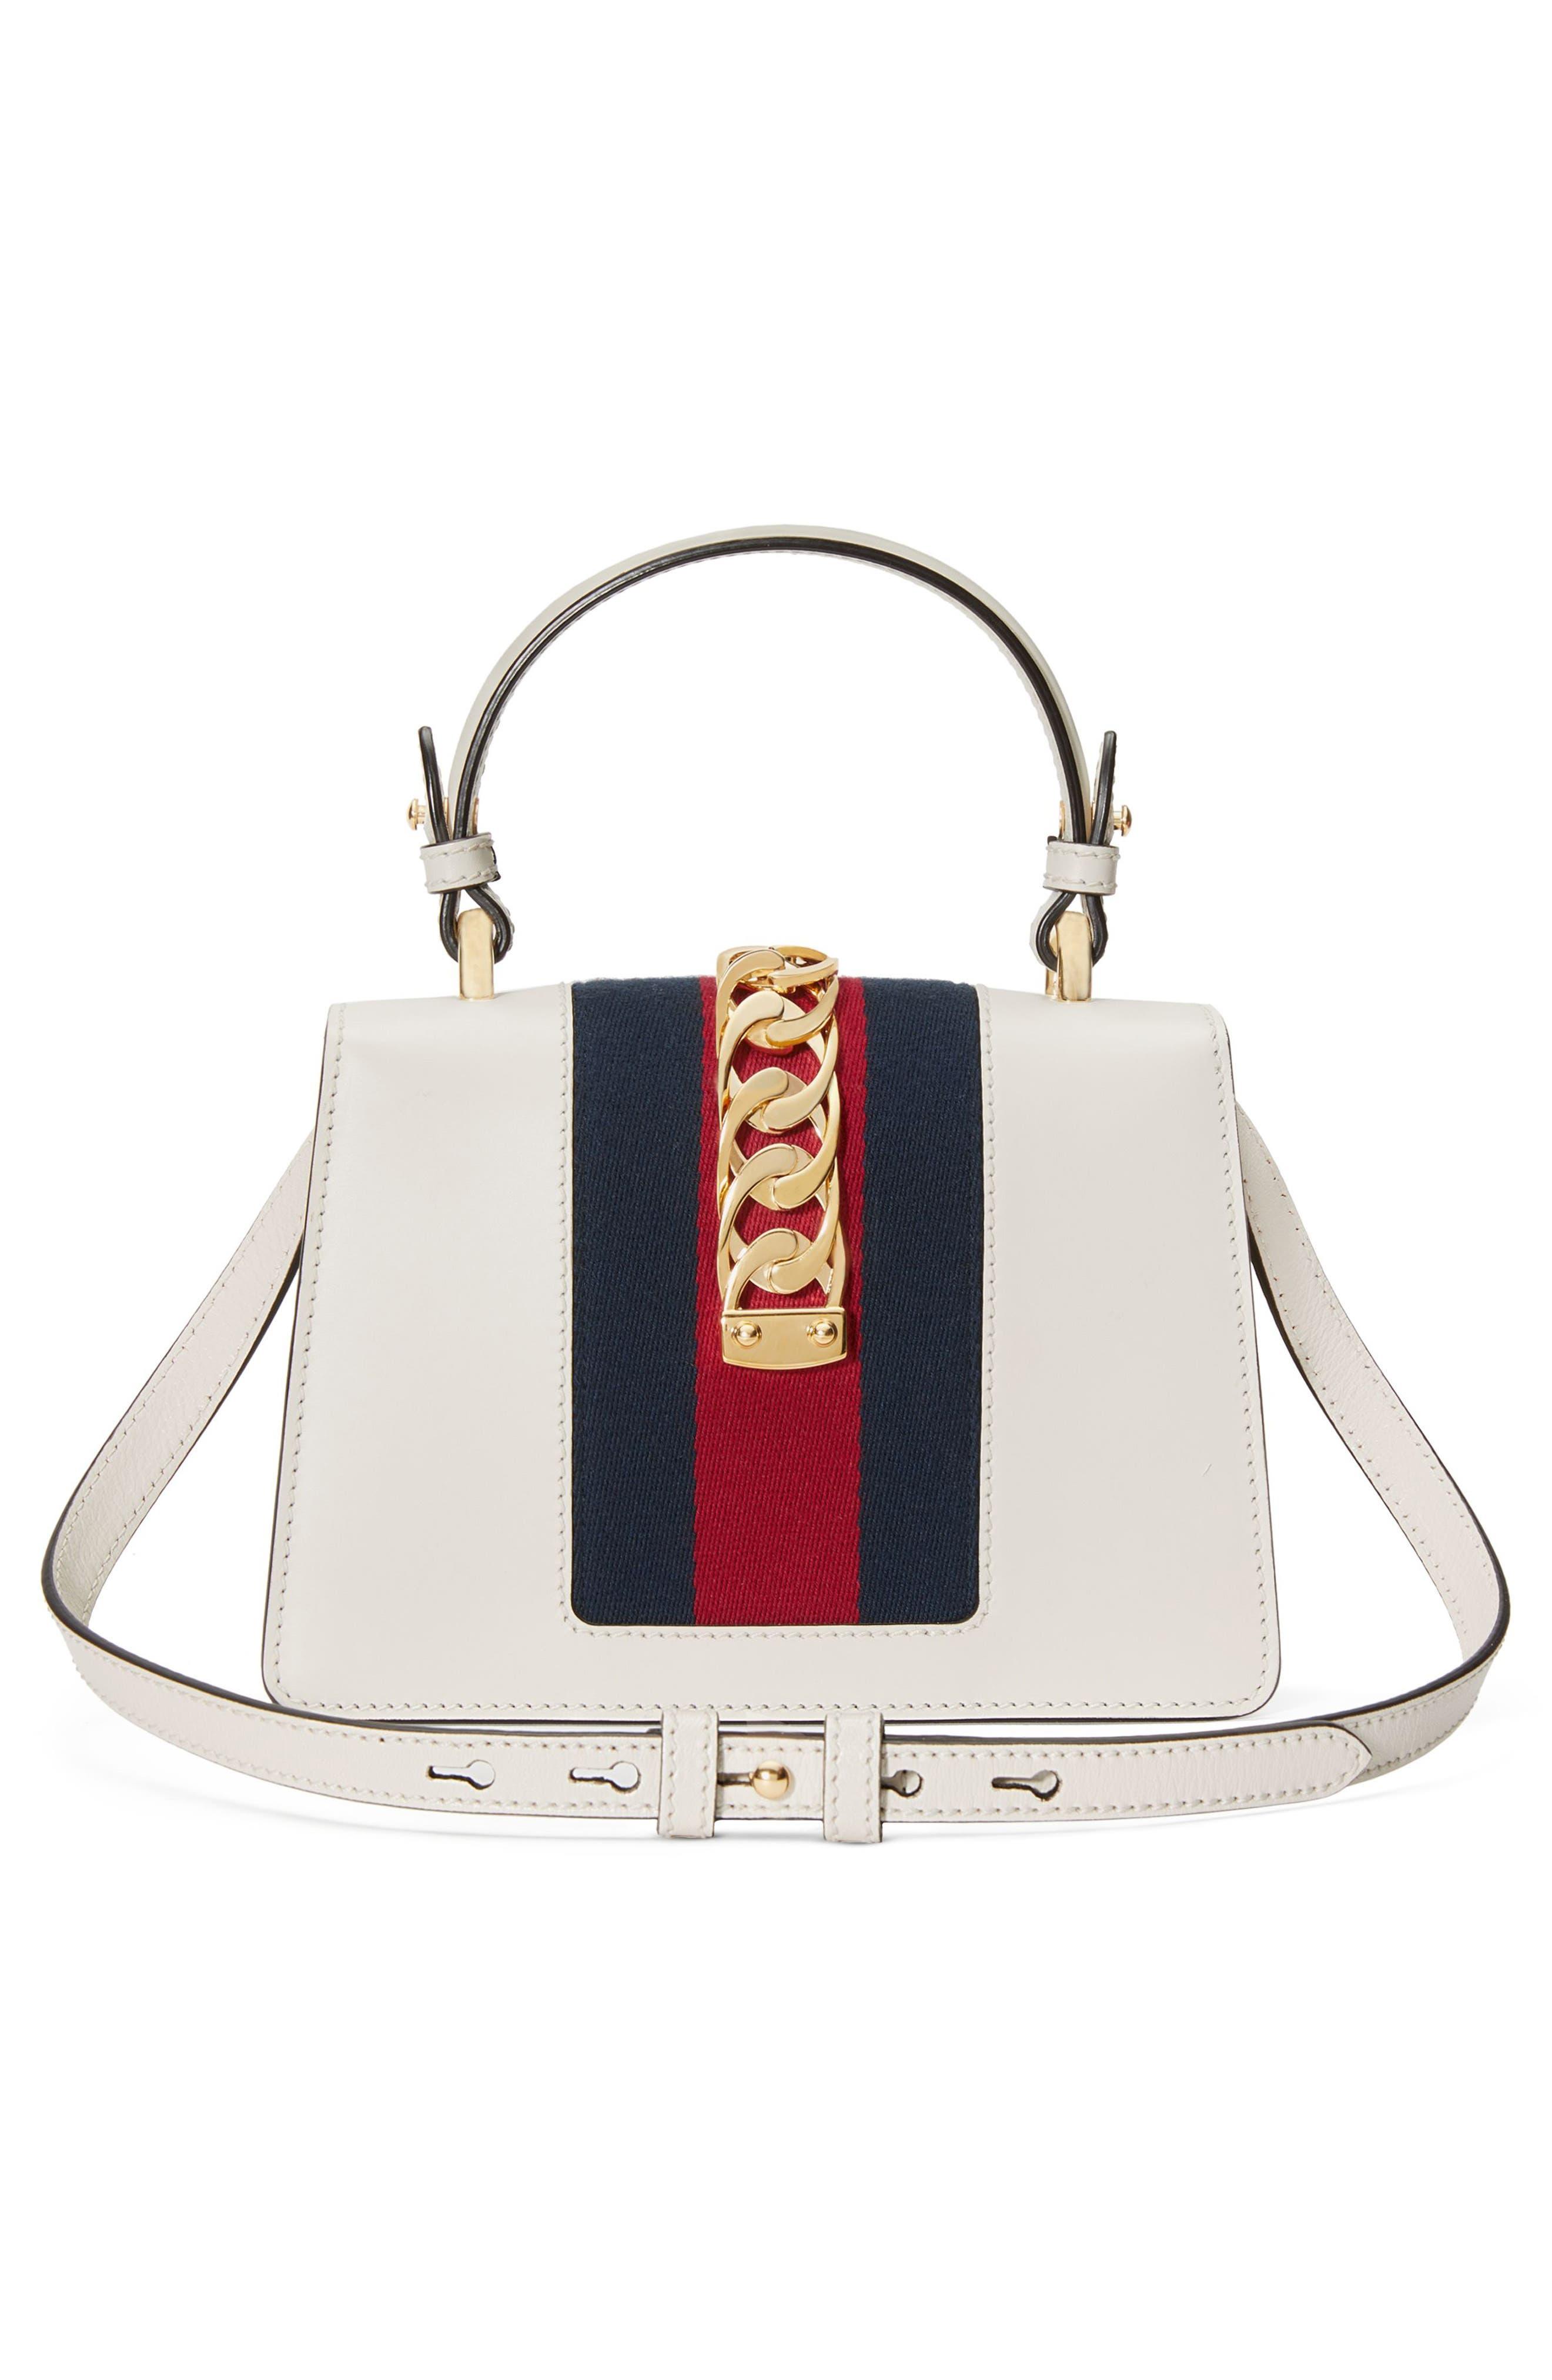 Mini Sylvie Top Handle Leather Shoulder Bag,                             Alternate thumbnail 2, color,                             MYSTIC WHITE